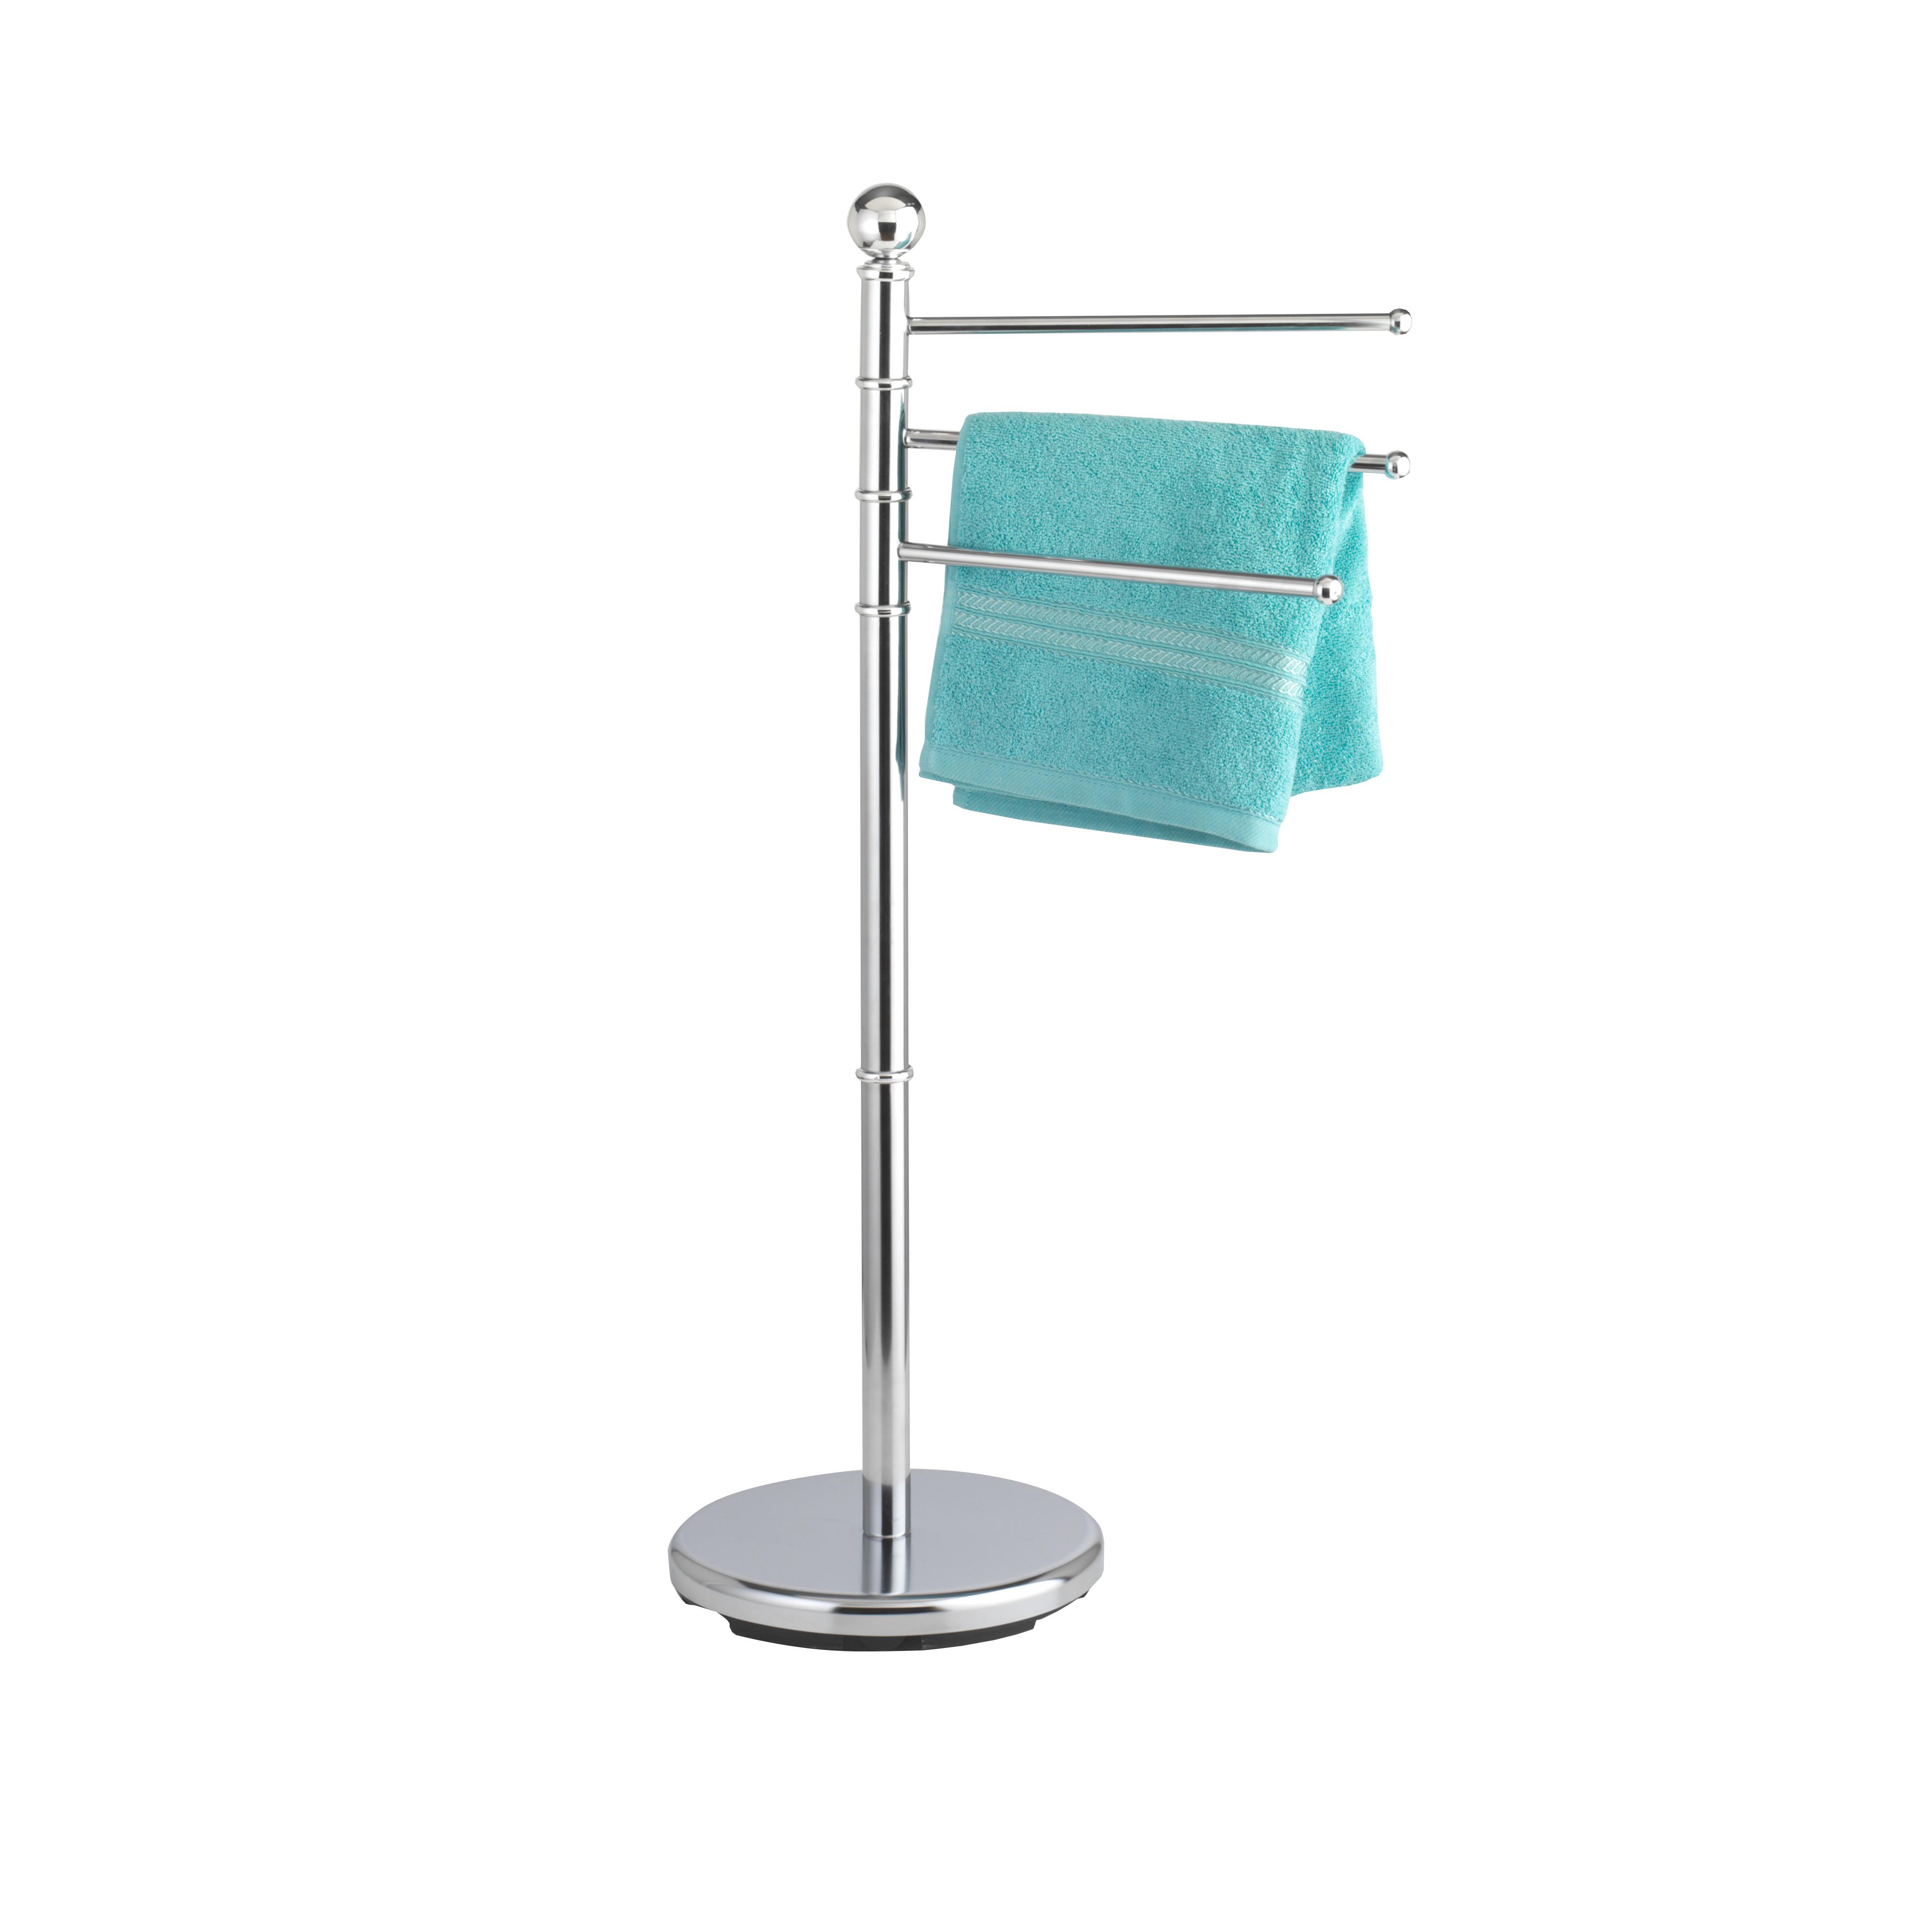 Вешалка для полотенец Axentia, напольная13296Напольная вешалка в виде овала Axentia изготовлена из высококачественной хромированной стали, устойчивой к коррозии в условиях высокой влажности в ванной комнате. Вешалка оснащена 3 вращающимися планками. Изделие предназначено для подвешивания полотенец и имеет утяжеленное основание для повышенной устойчивости.Высота вешалки: 91 см.